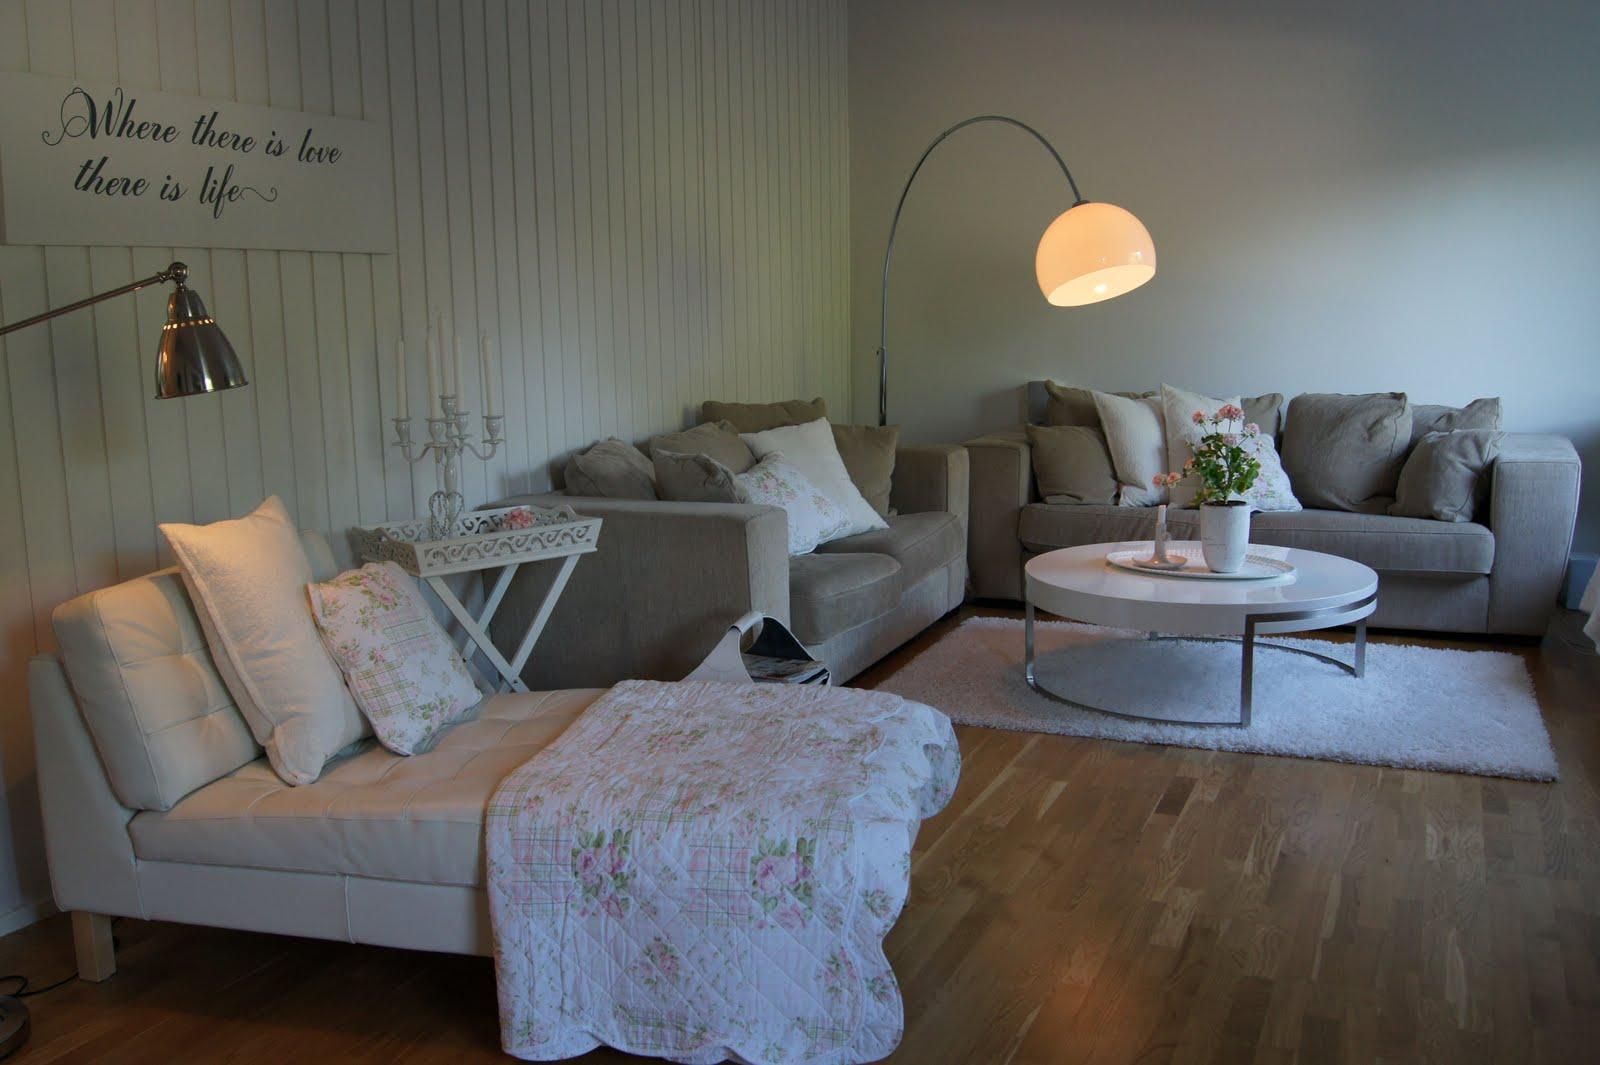 sofas modernos para sala de tv laura ashley radley sofa reviews 5 ideas decorar salas estar modernas hoy lowcost